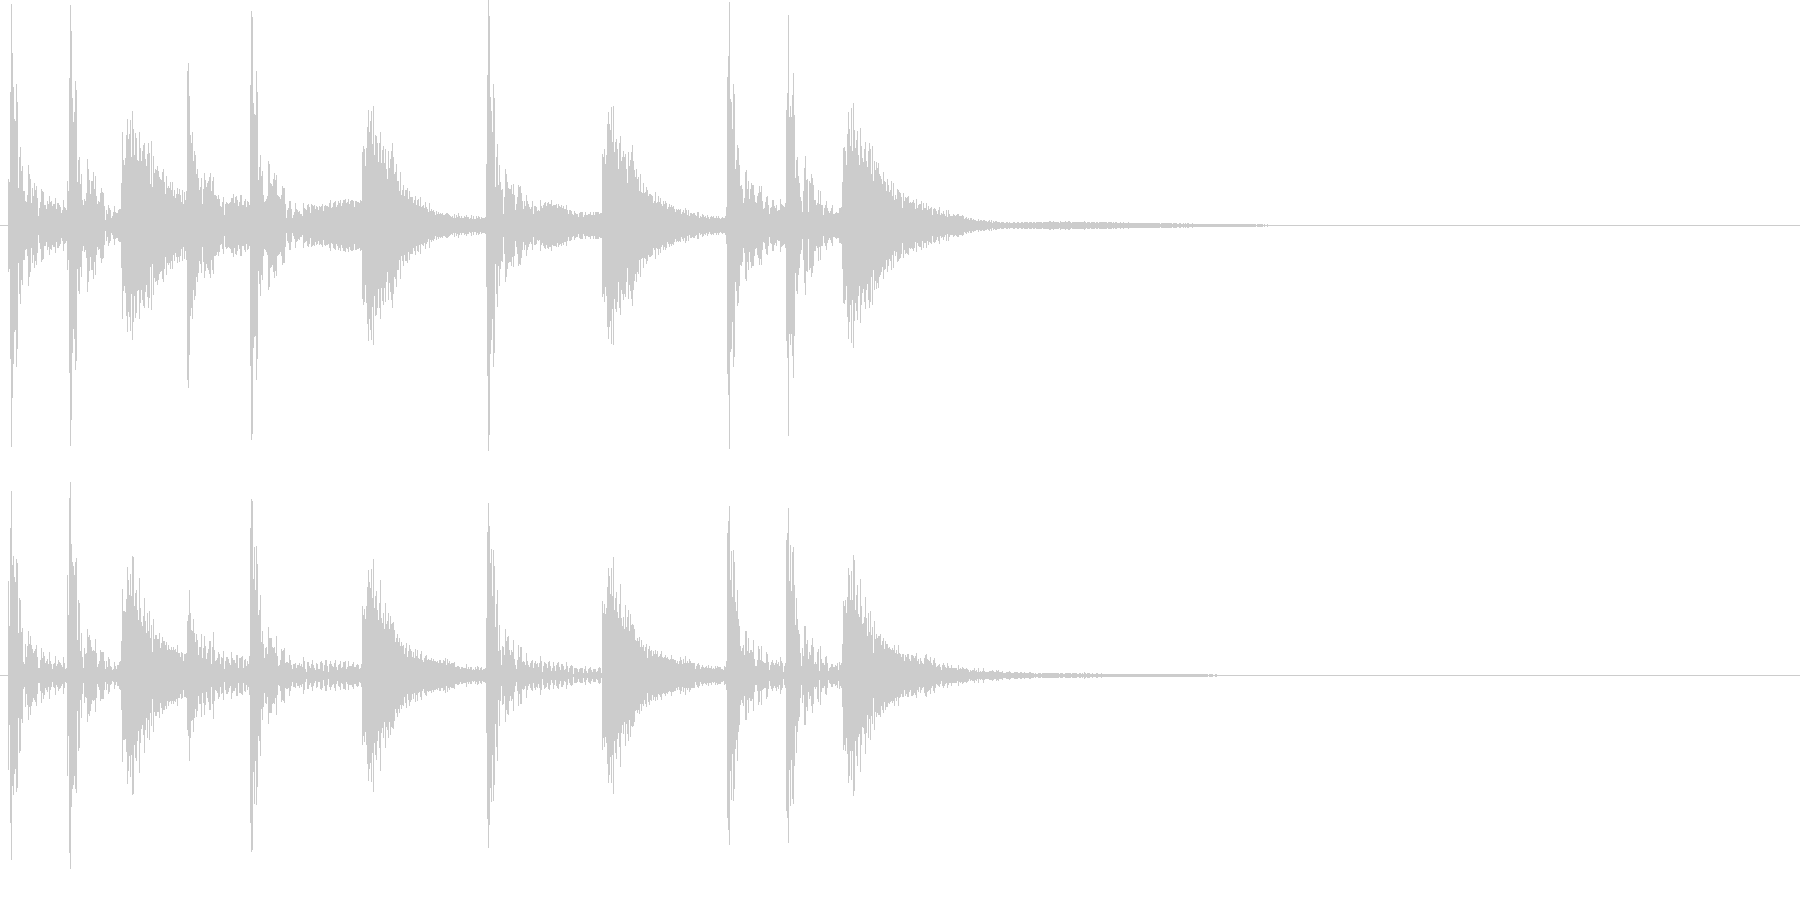 2小節ジングル09 ロックの未再生の波形